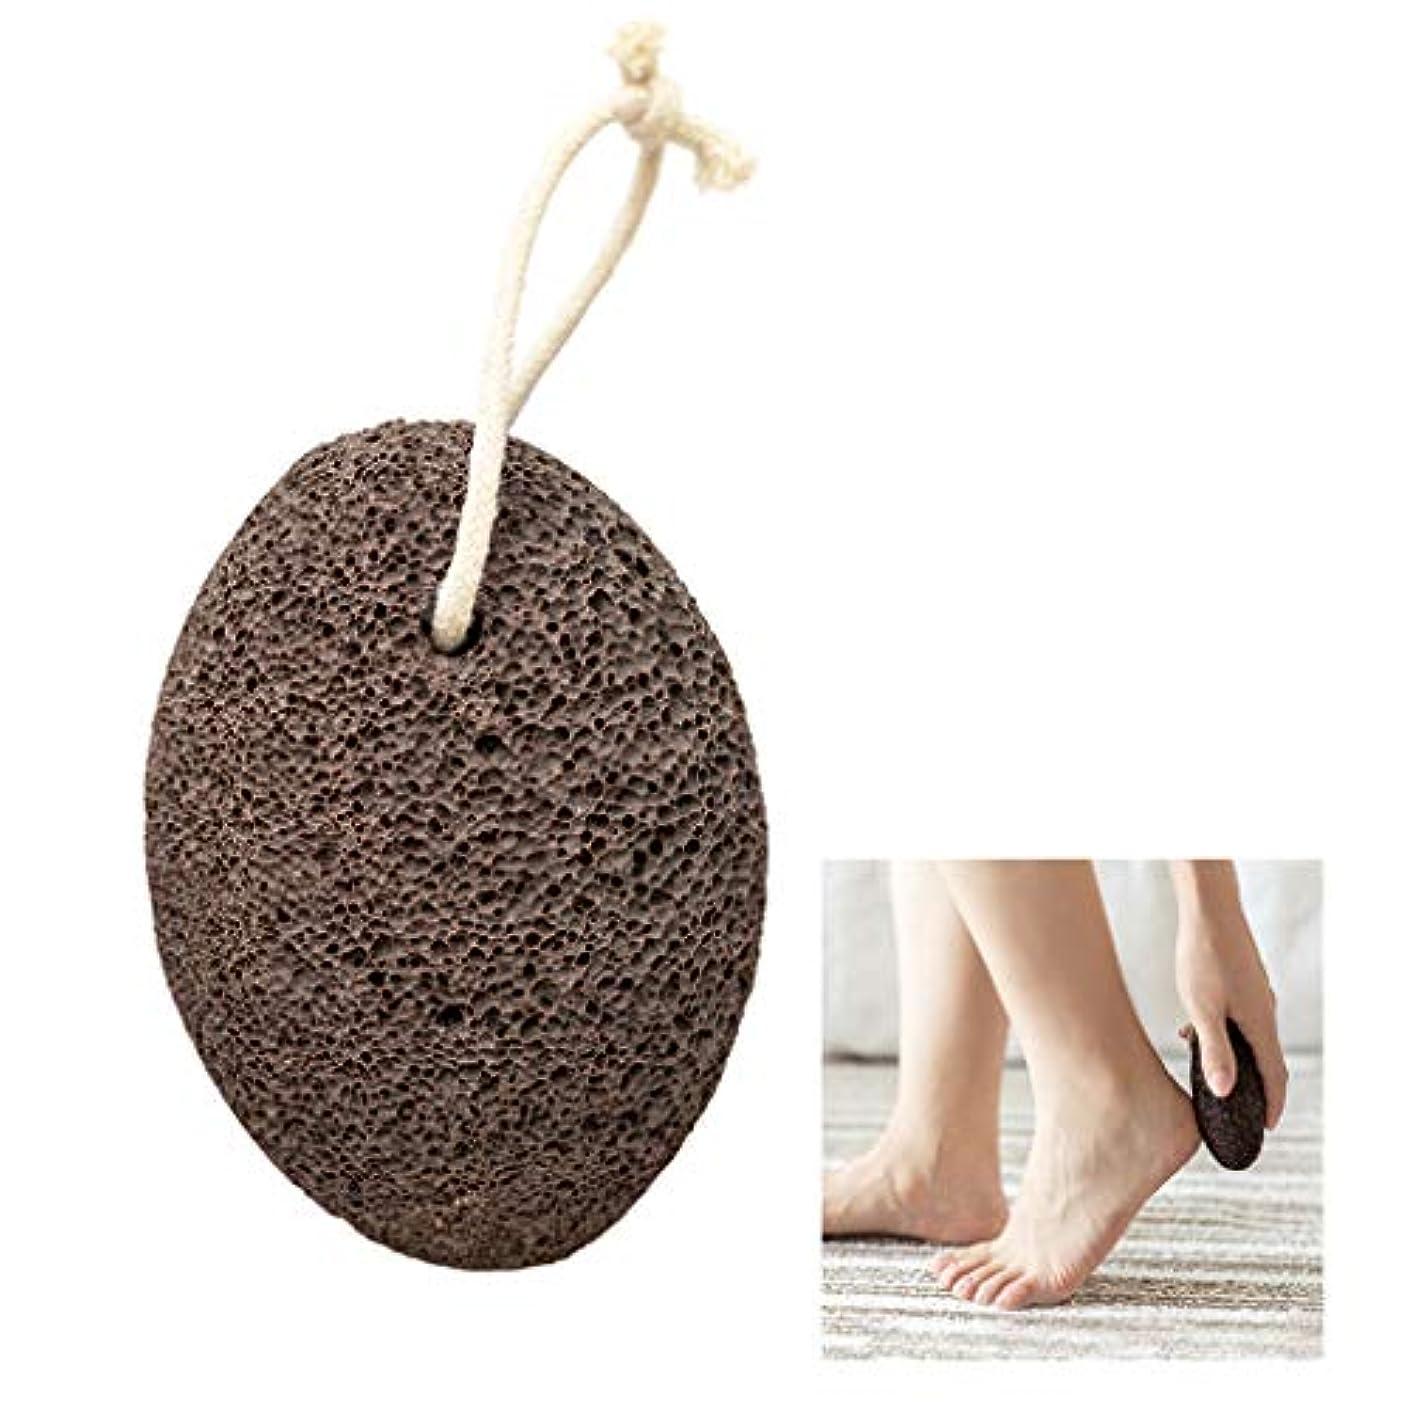 永久にランドリー本部足の石、死んだ肌にヒール、ペディキュア火山岩、家庭用バスルーム製品、大人に適した、ハングアップすることができます。,Brown